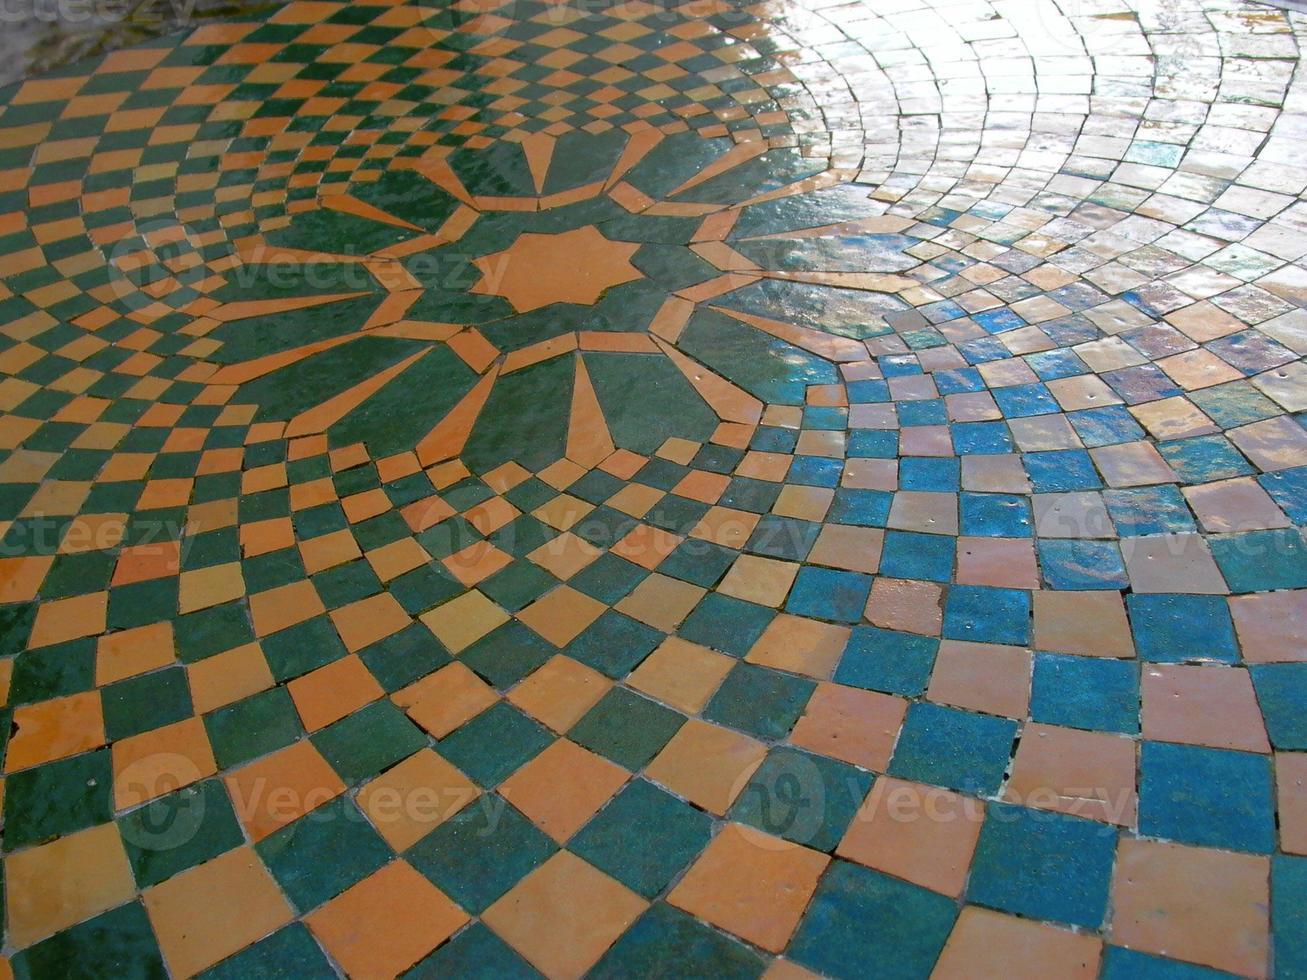 Fliesenboden in natürlicher Farbe foto